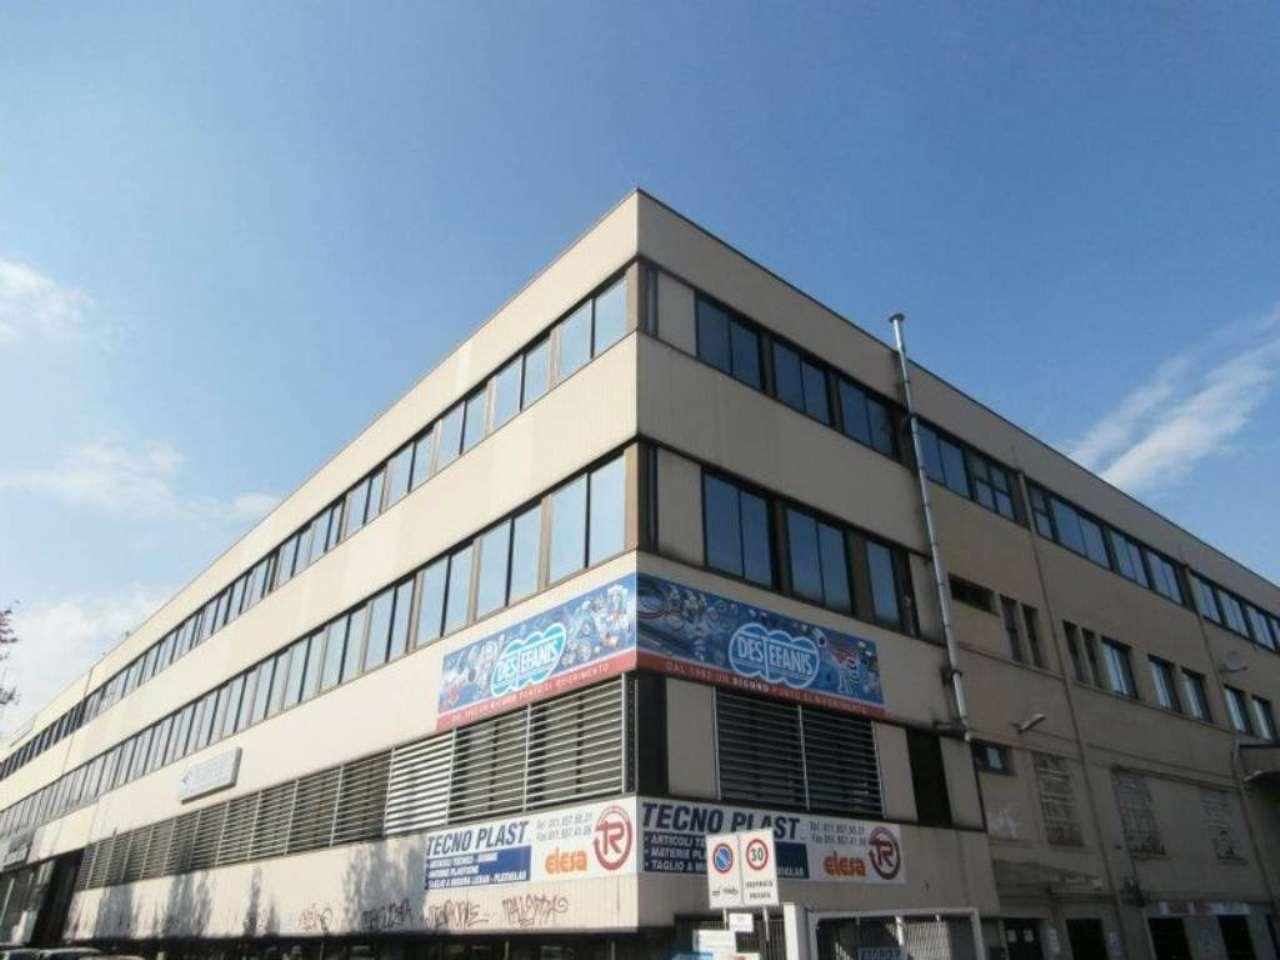 Ufficio / Studio in affitto a Rivoli, 10 locali, prezzo € 1.250 | CambioCasa.it